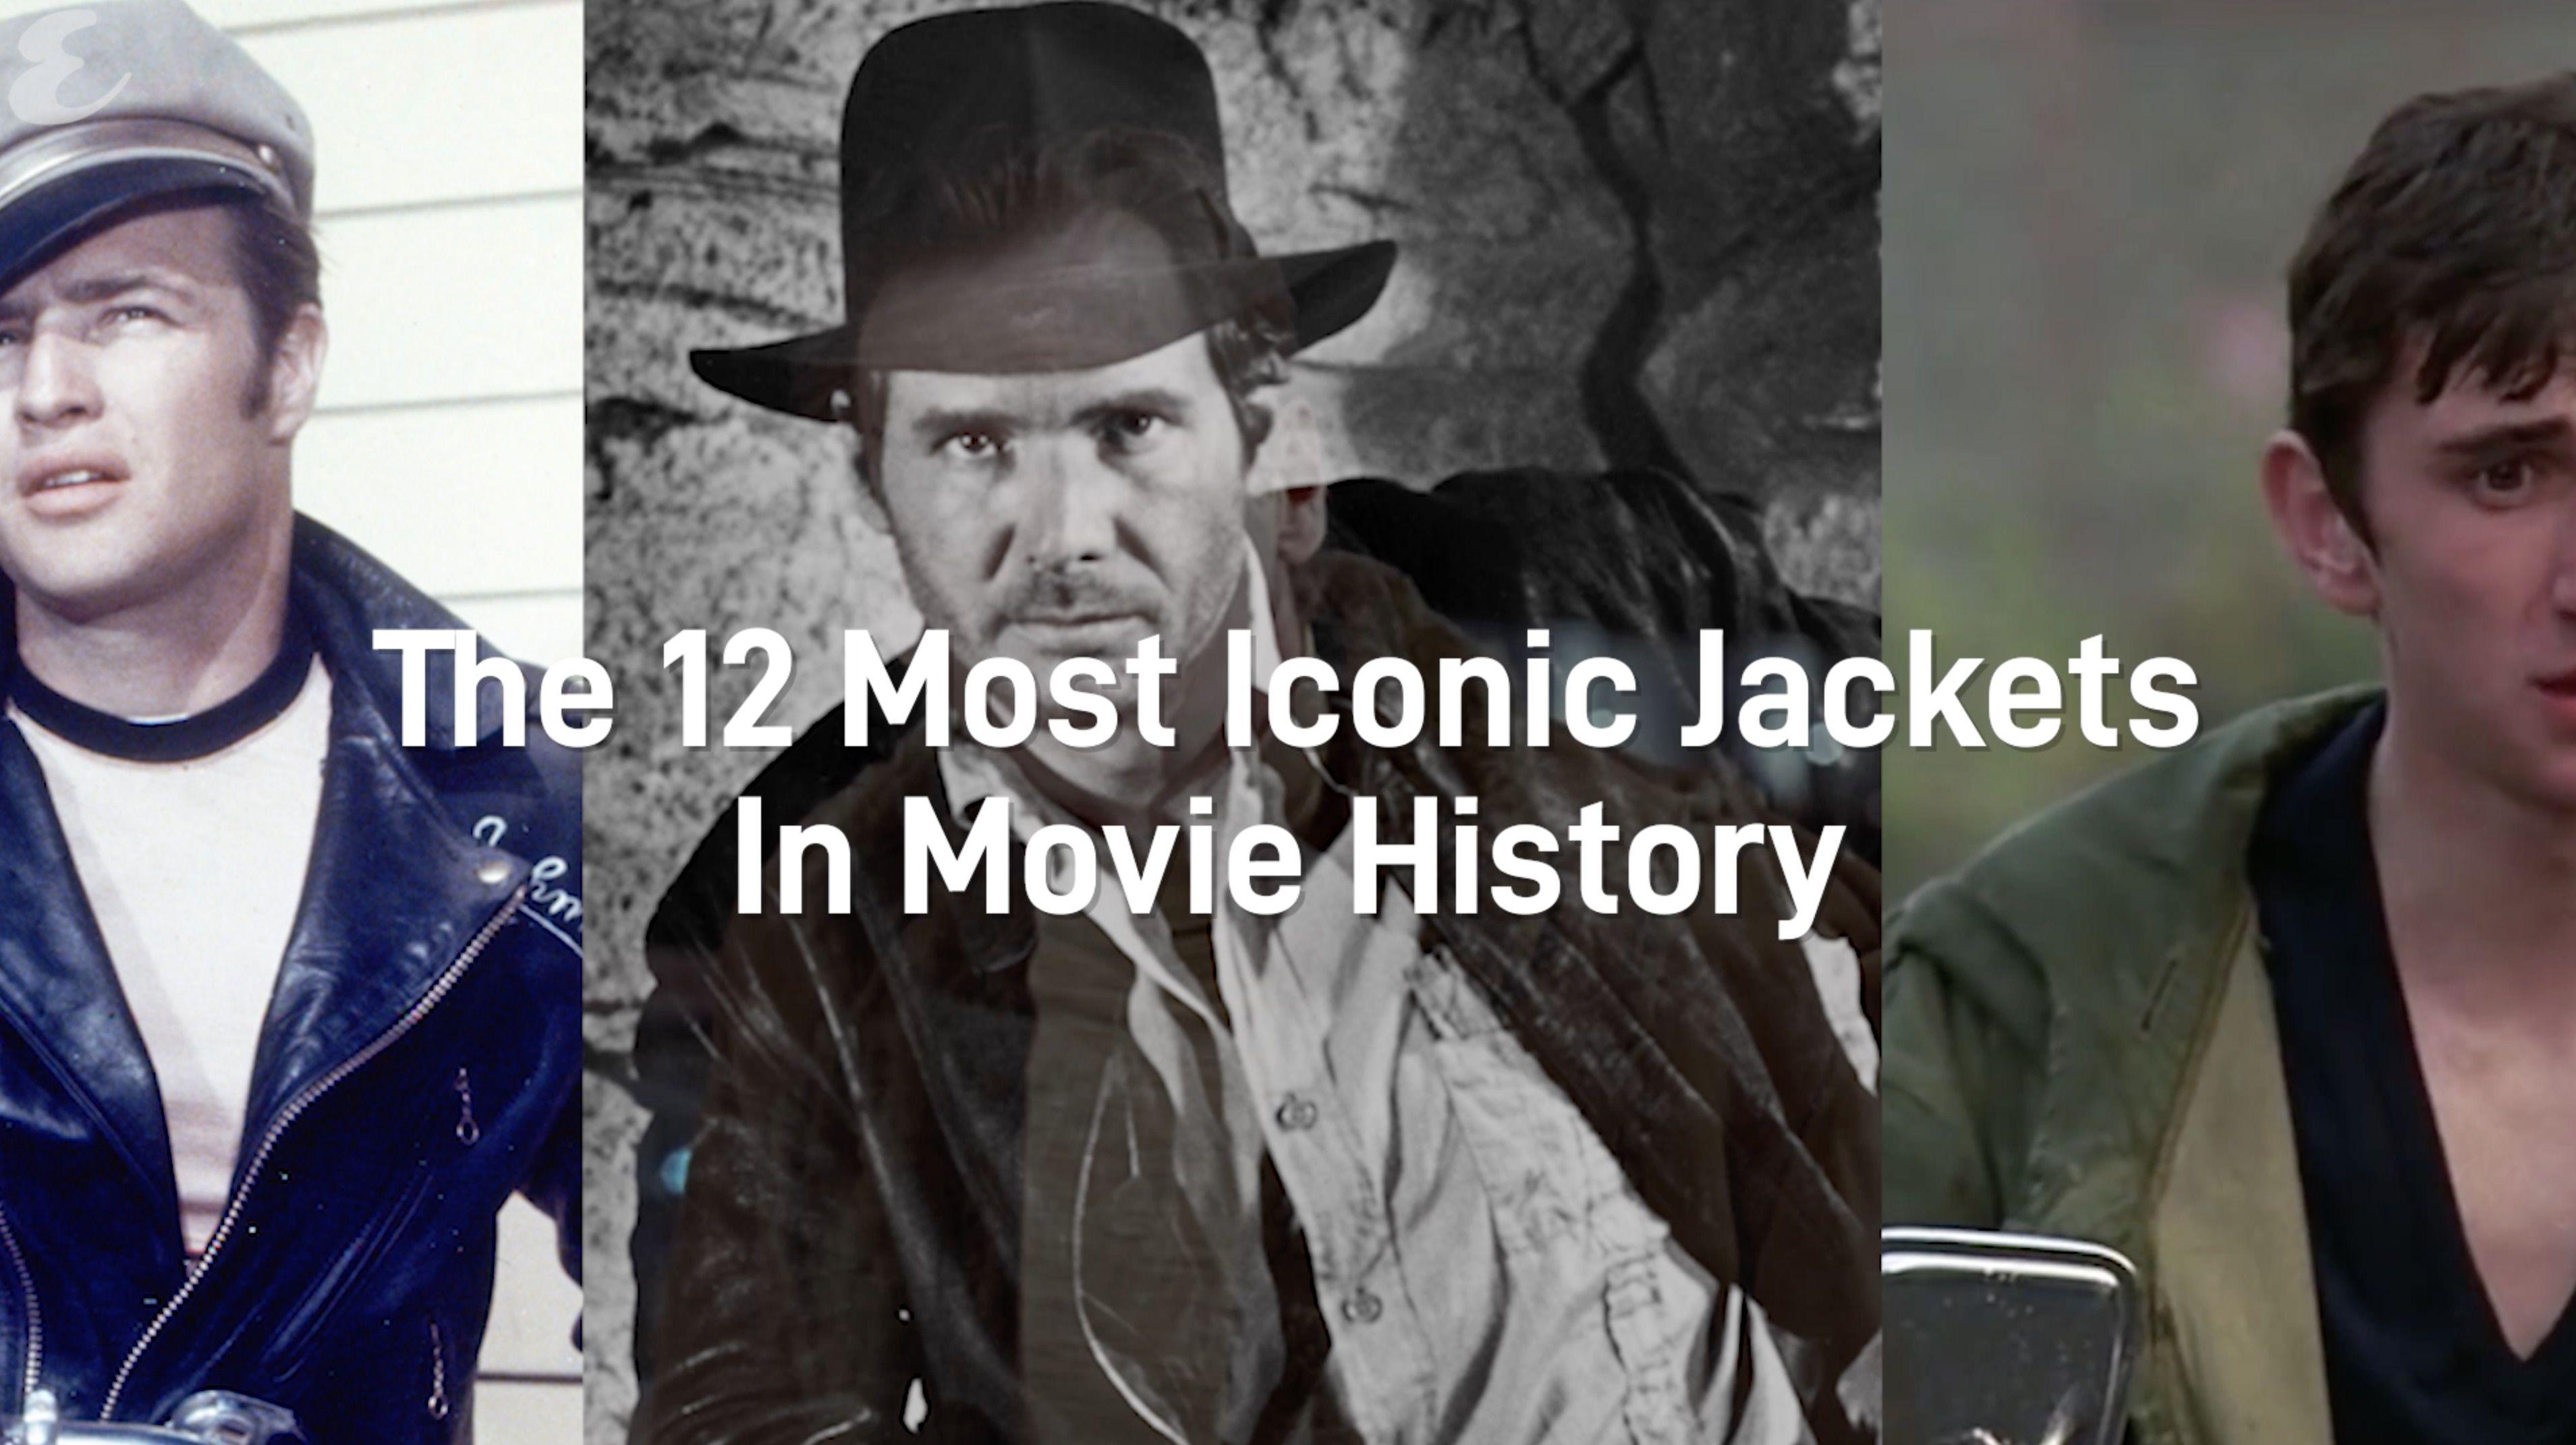 Las del la más historia de icónicas 12 chaquetas cine SVUzMp